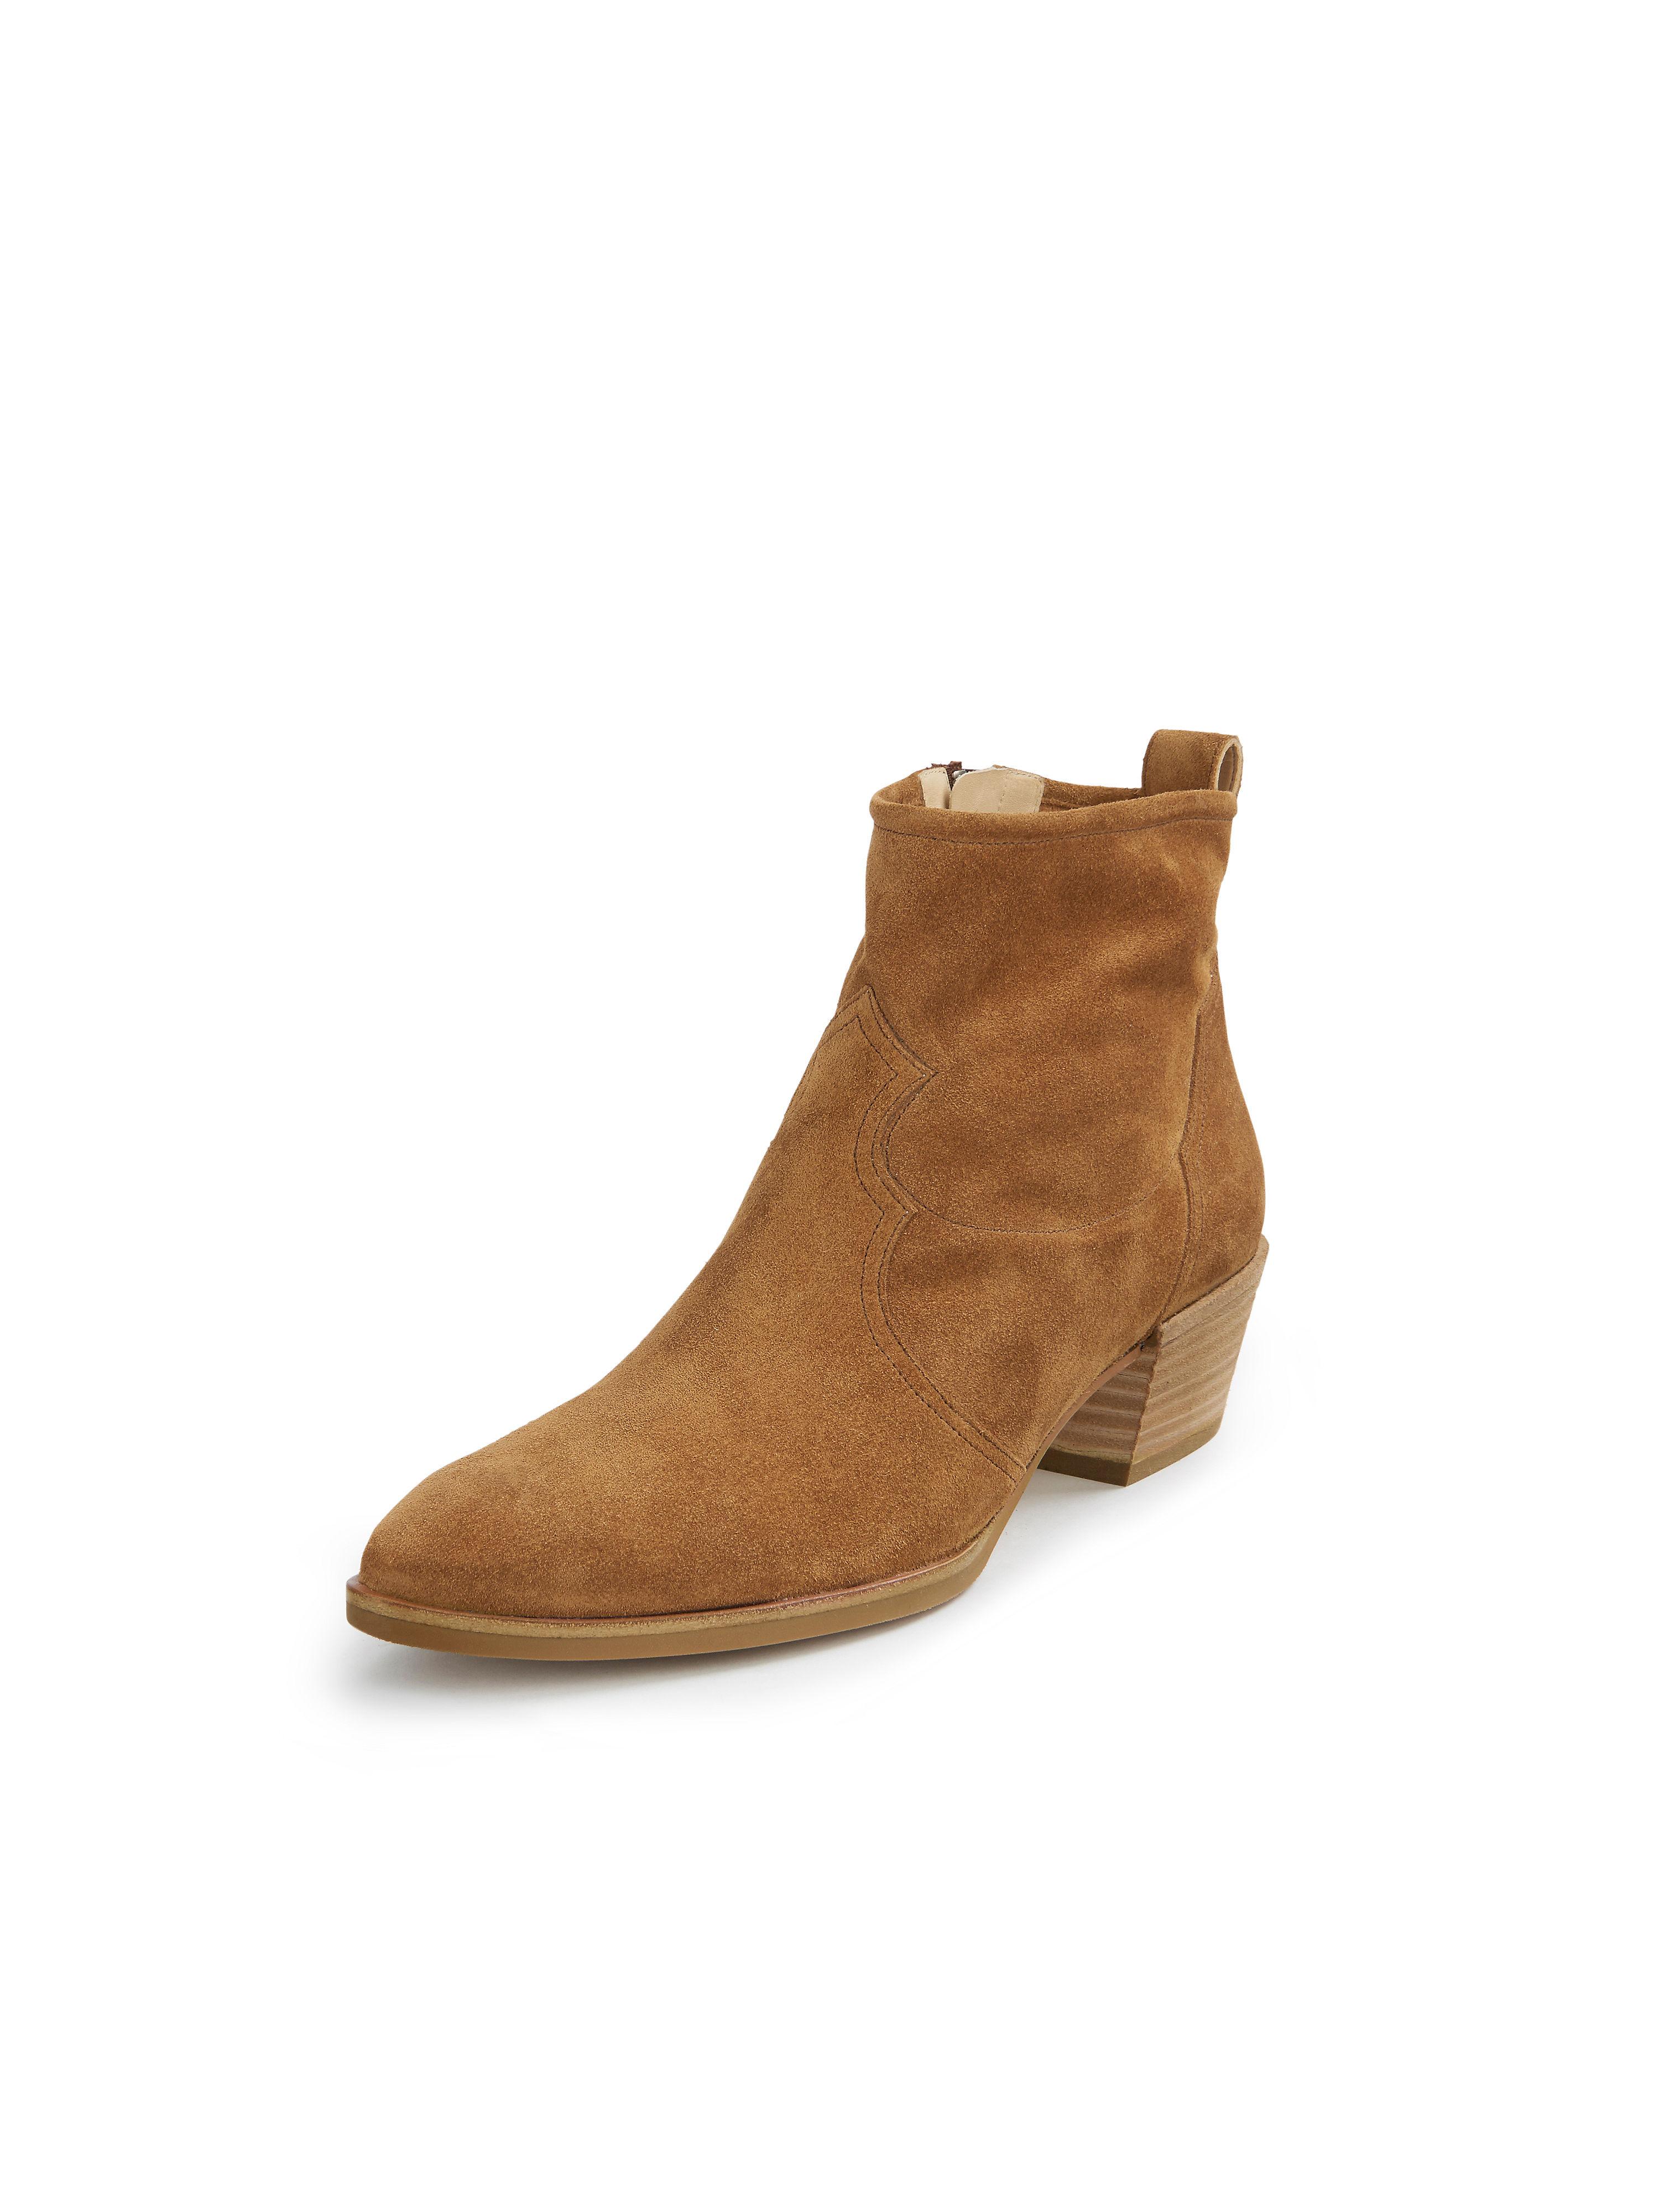 Kaufen Über Shop24 Online Schuhe Günstig atShop24 EIeH2Y9WDb